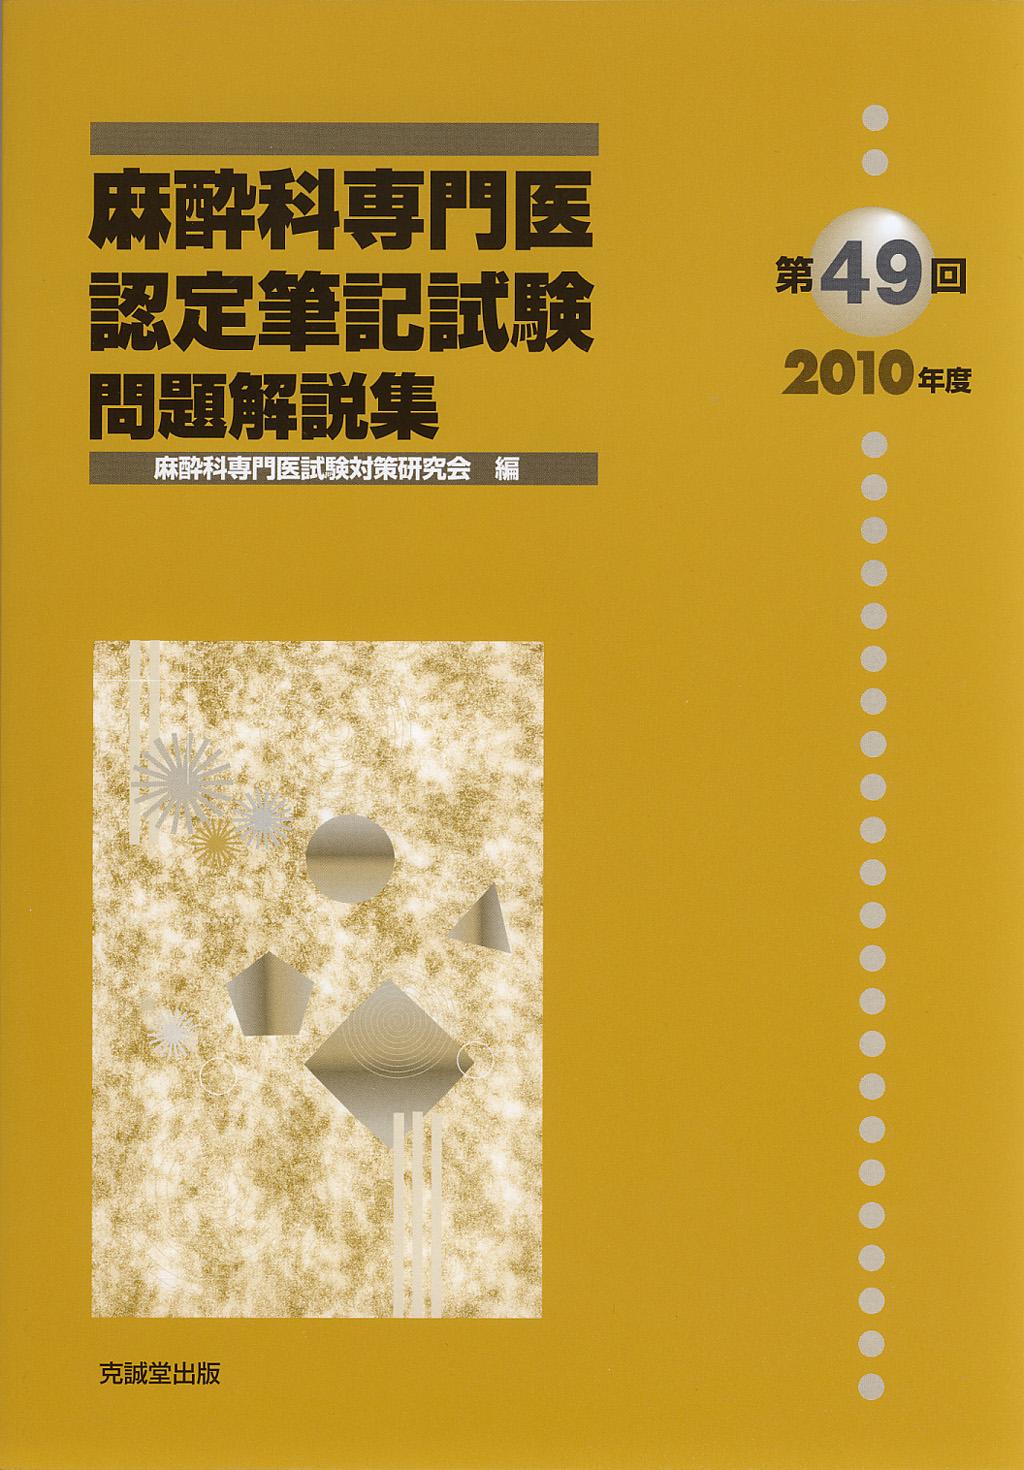 第49回(2010年度)麻酔科専門医認定筆記試験問題解説集